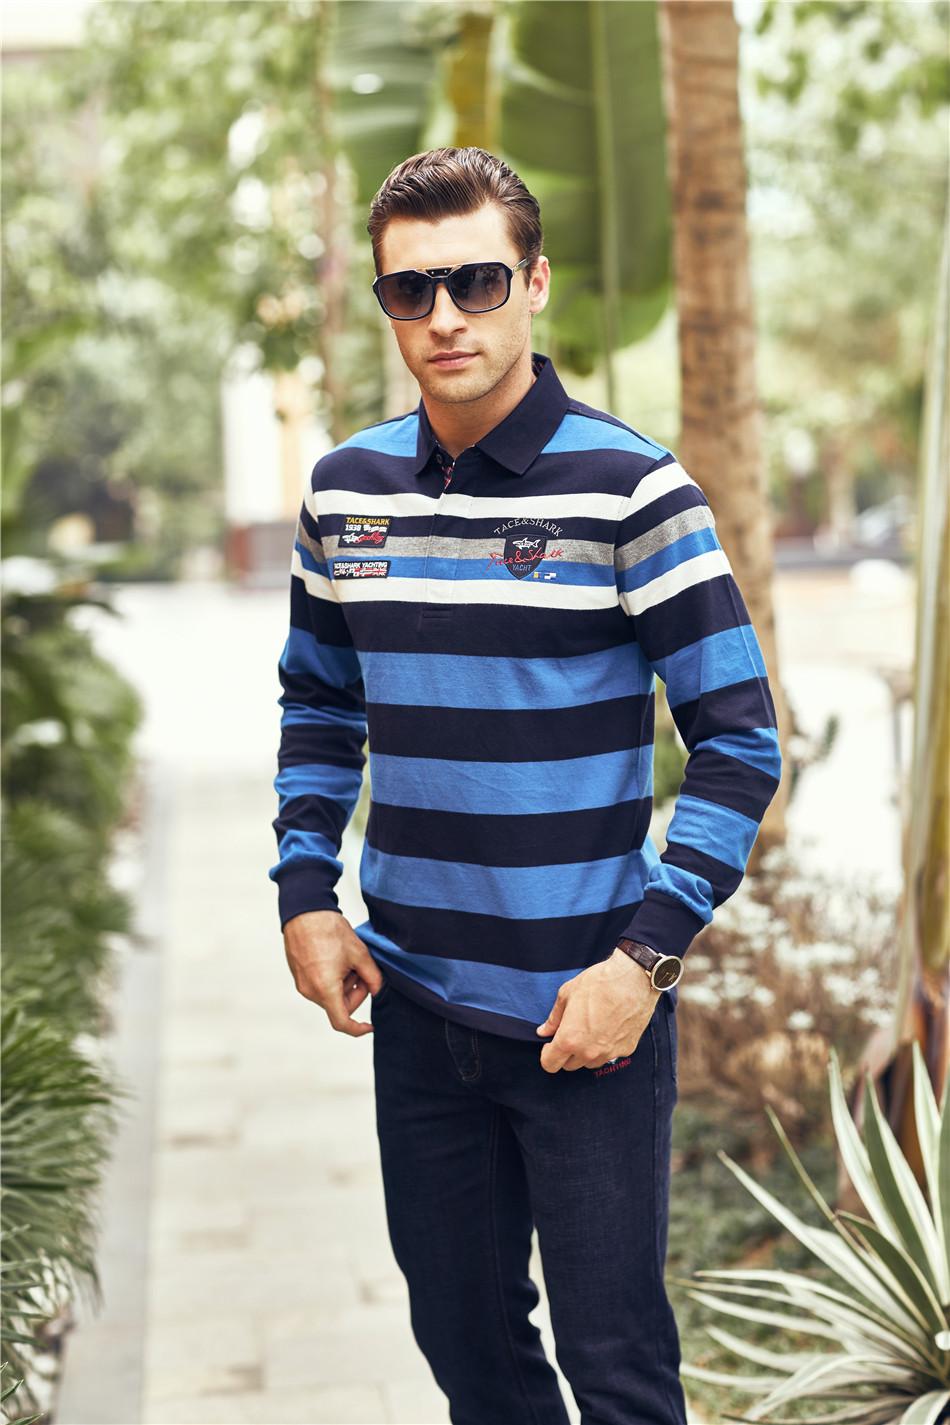 [해외]폴로 셔츠 남성 긴 Retail 만화 larga 억만 장자 폴로 셔츠 남자 camisa masculina 면화 camisa 폴로 masculina de marca 로고/polo shirt men long sleeve manga larga billionaire p